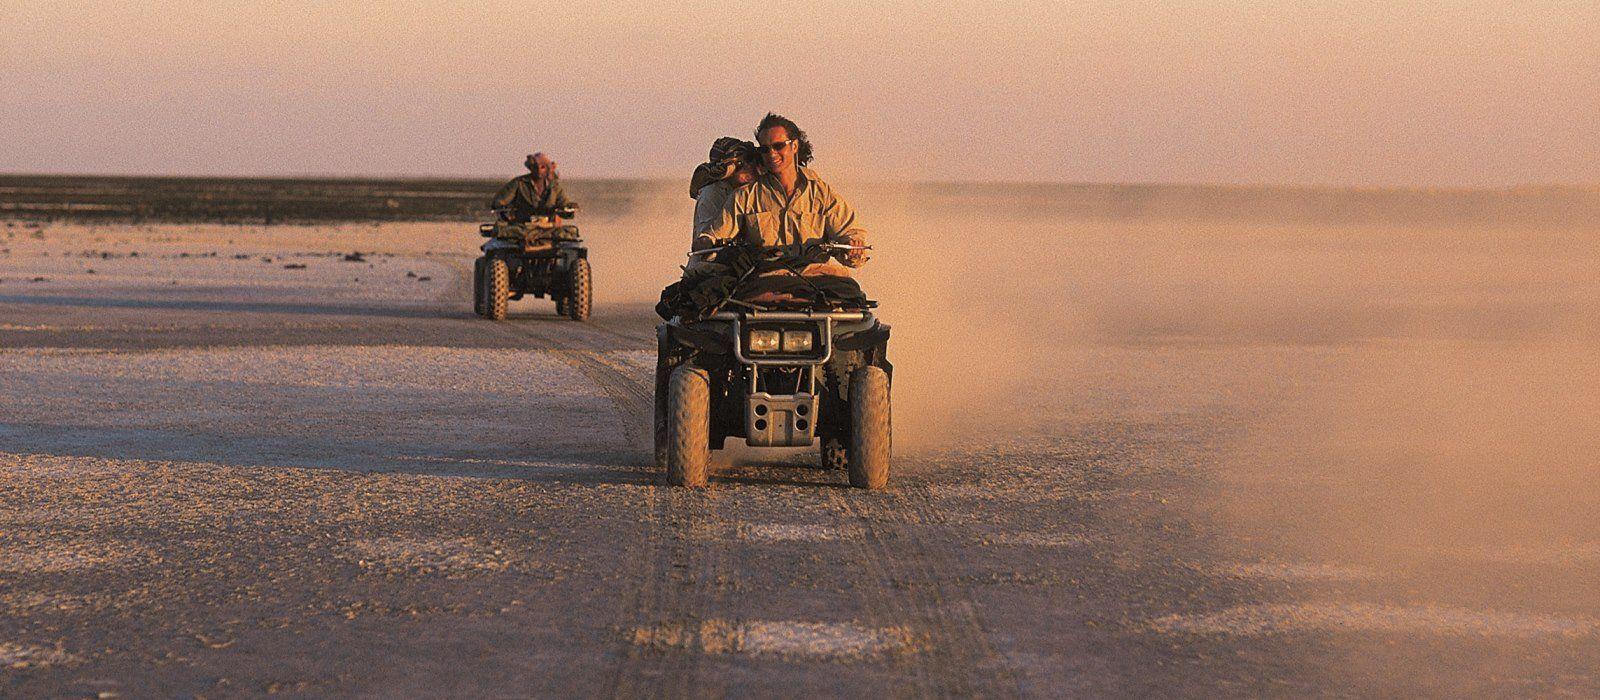 Zwei Quadbikes fahren hintereinander durch die Wüstenlandschaft